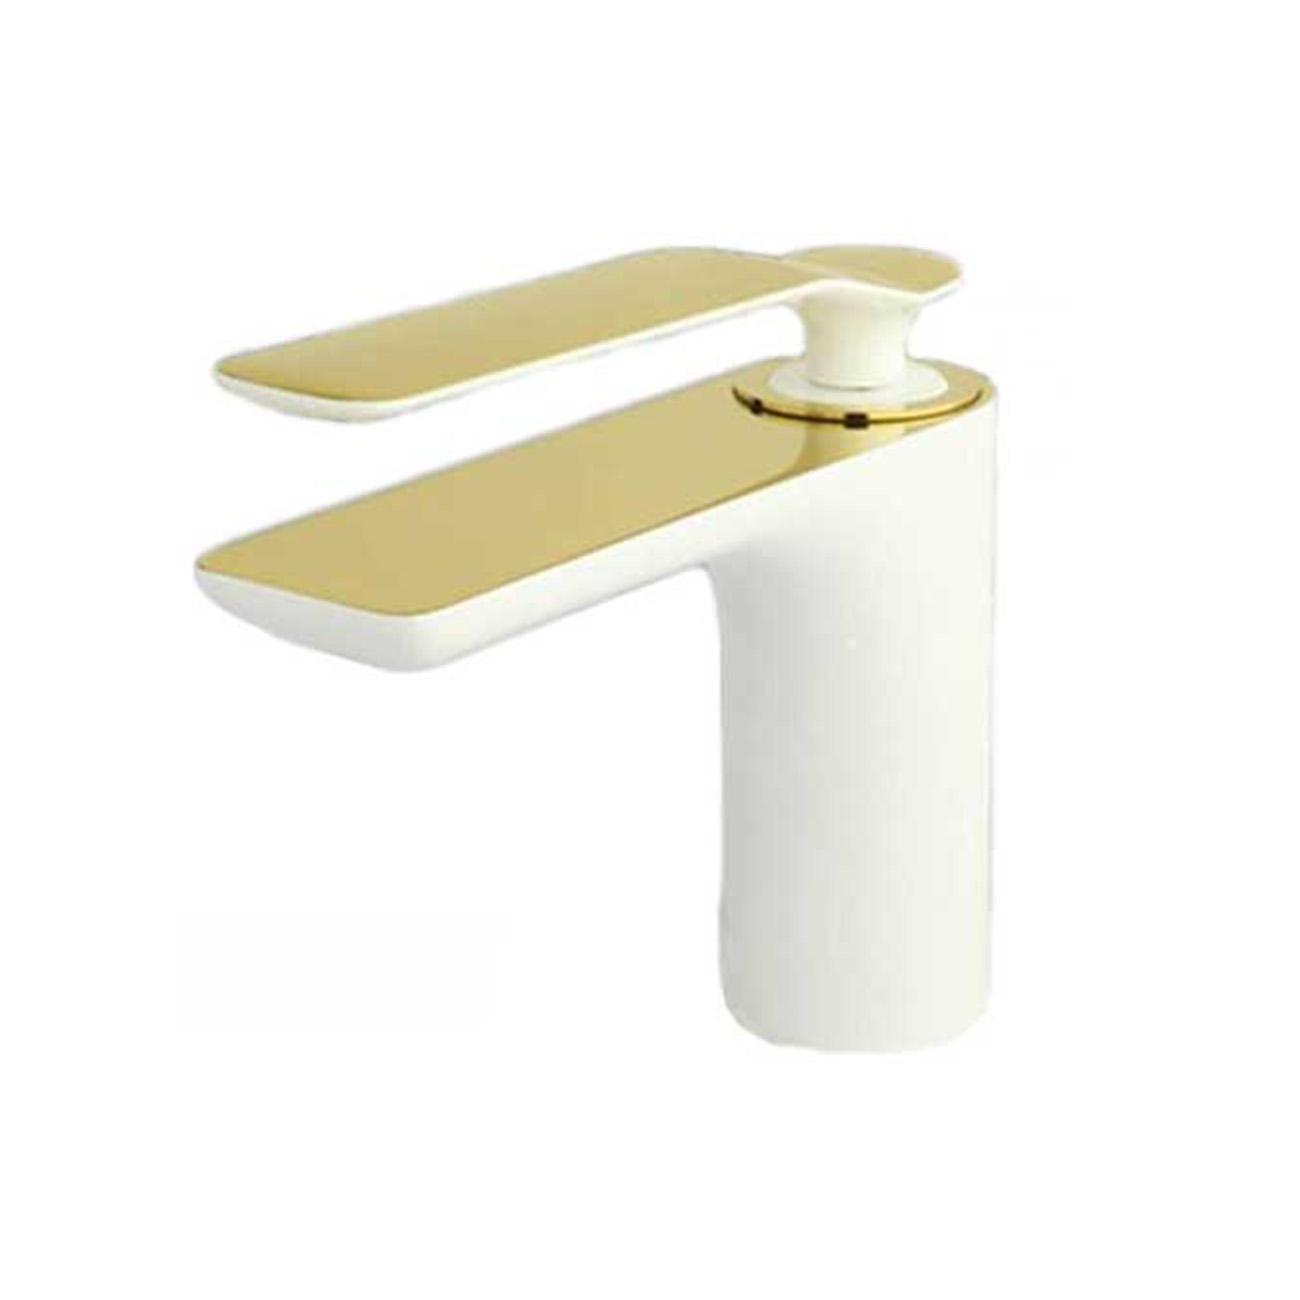 شیر روشویی ویولت سفید طلایی راسان